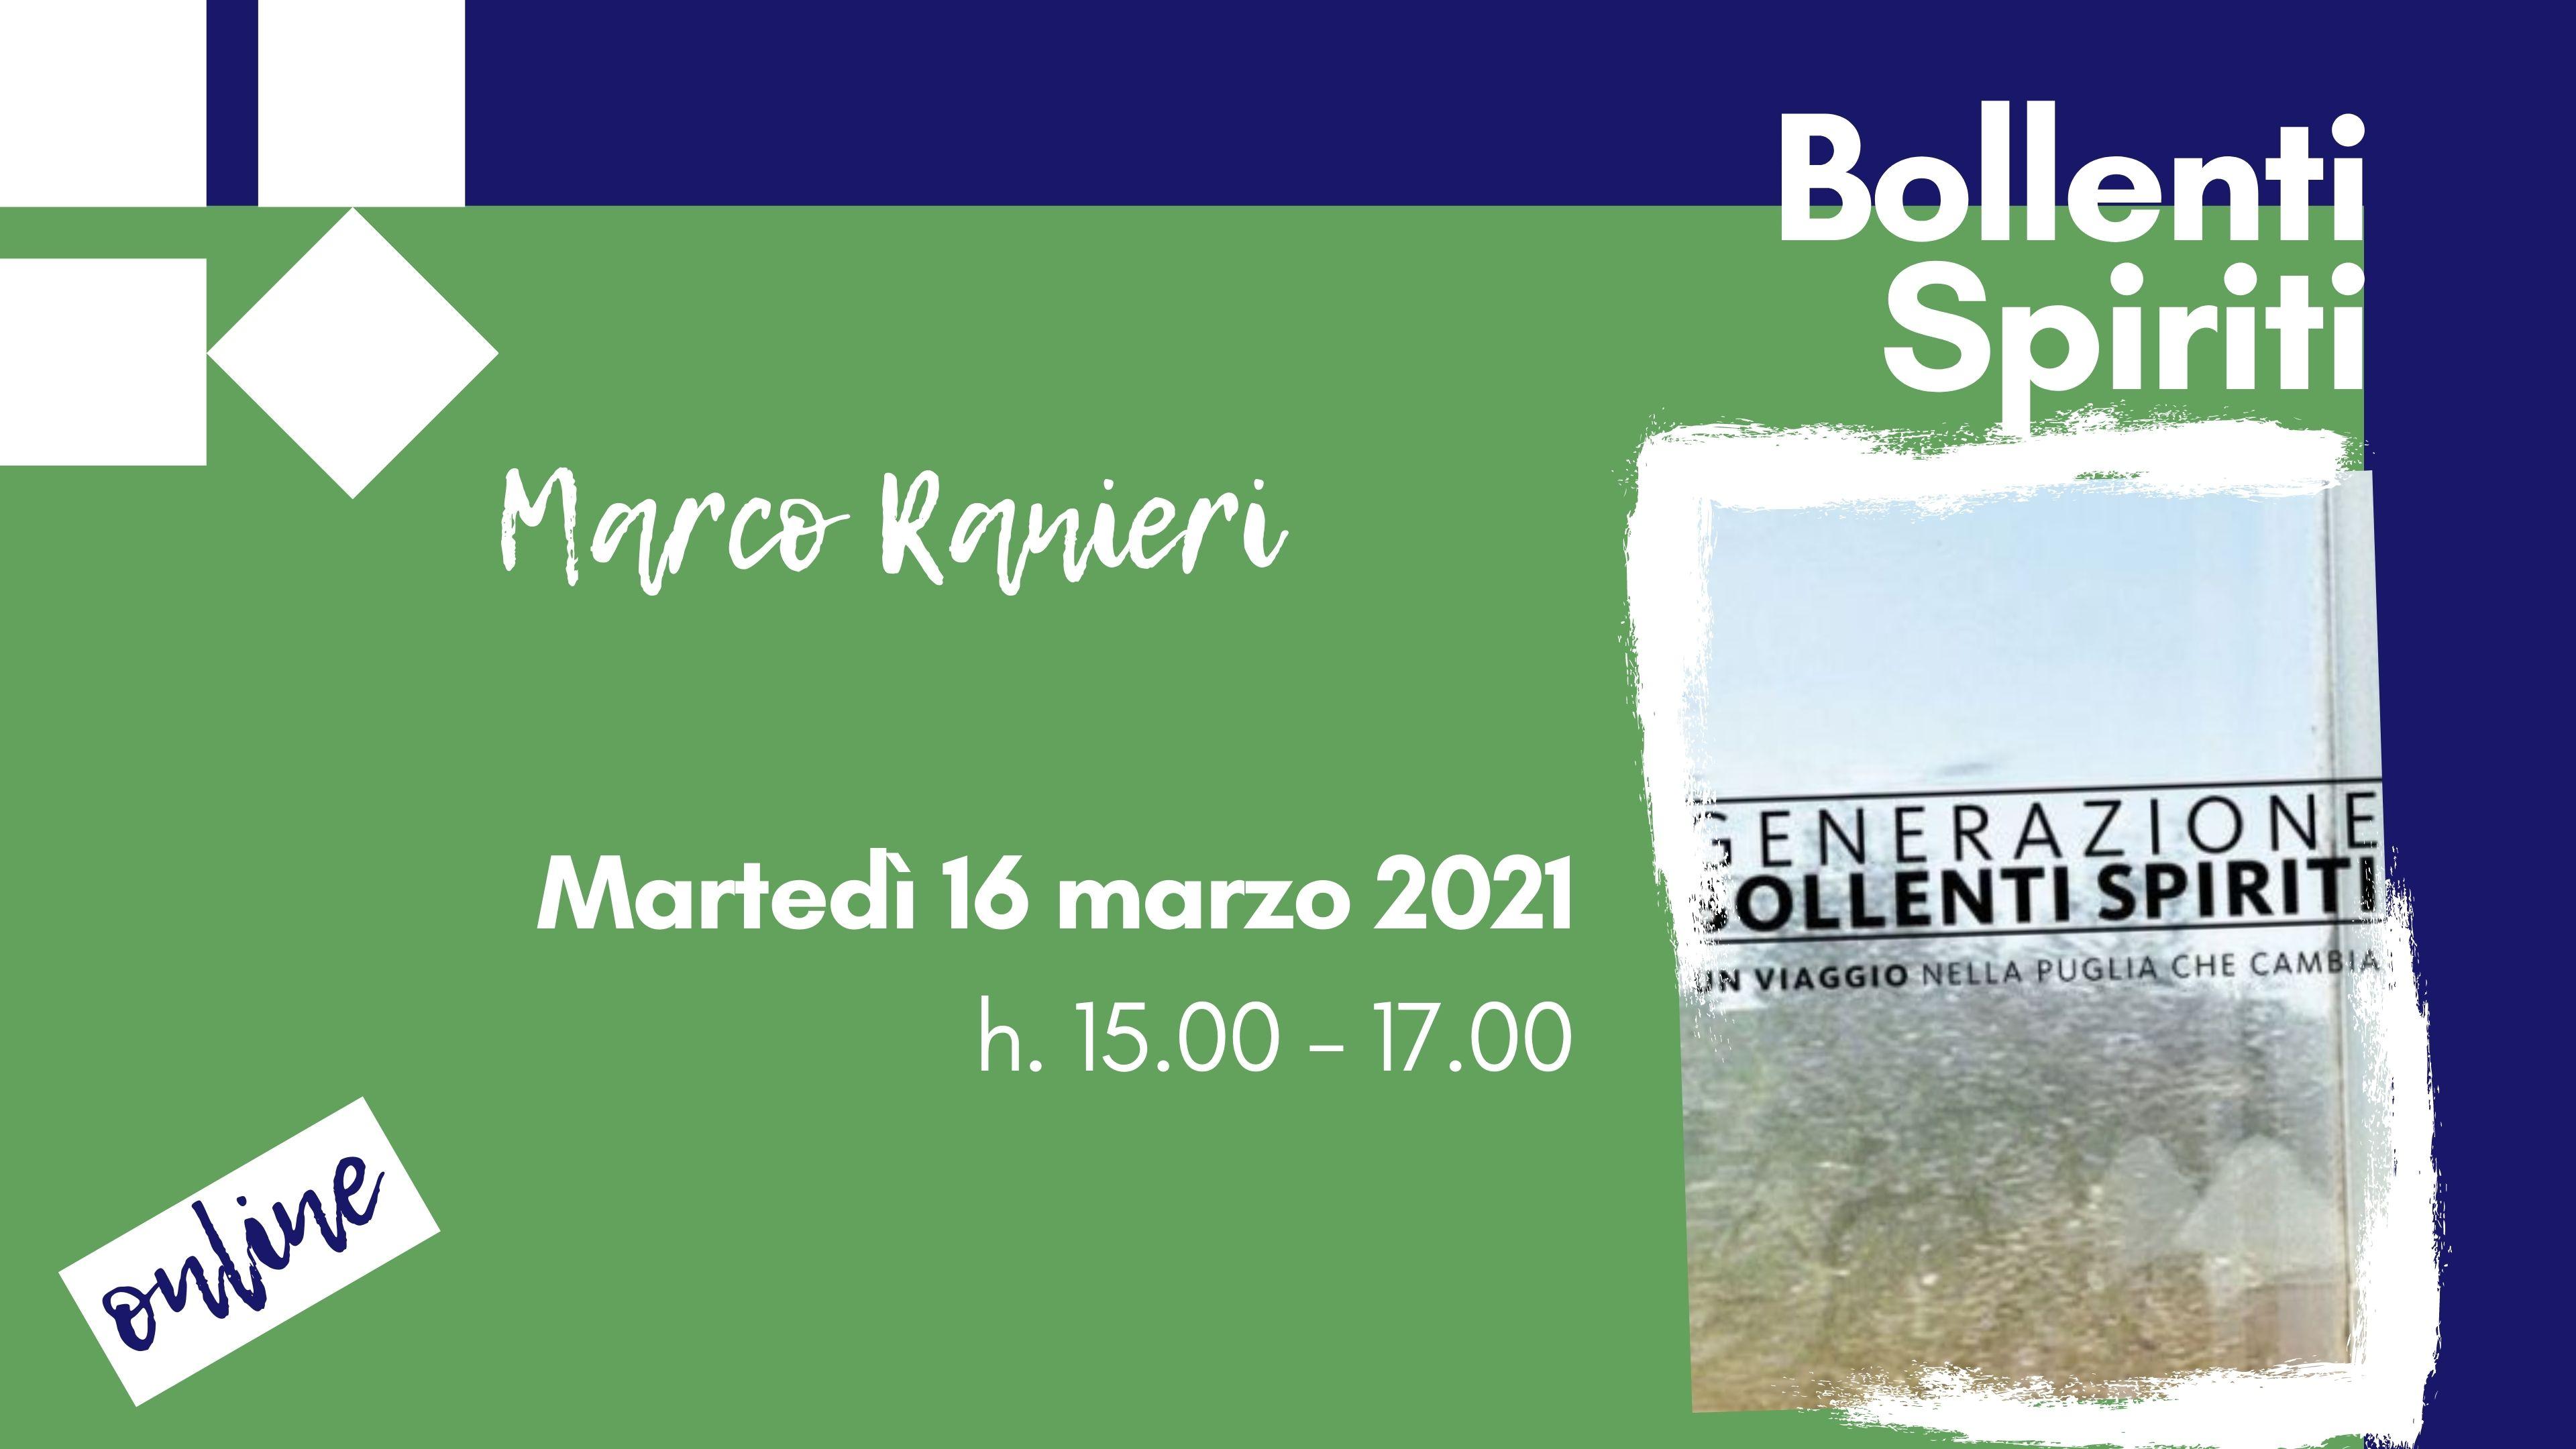 Bollenti Spiriti - 16 marzo 2021